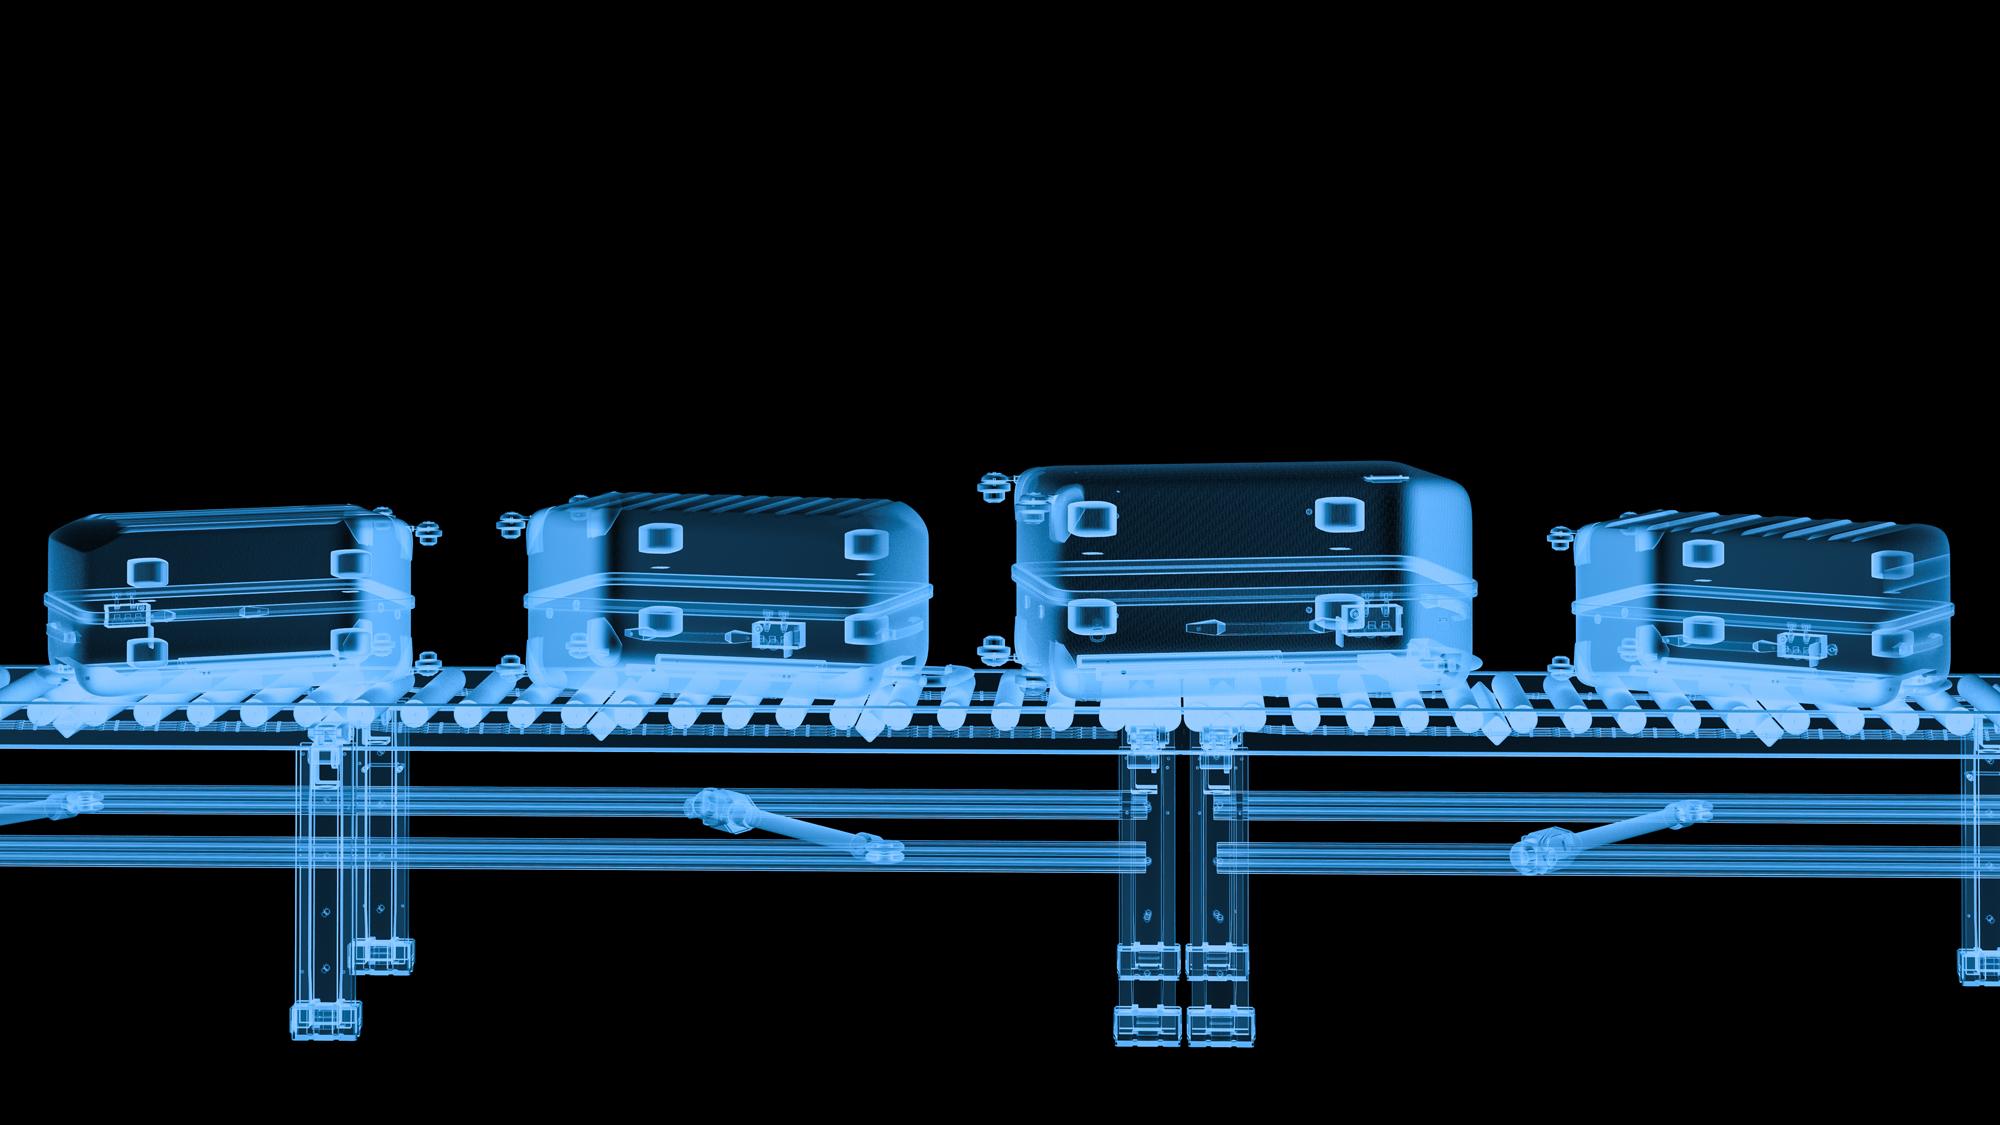 X-ray conveyor belt with luggage.